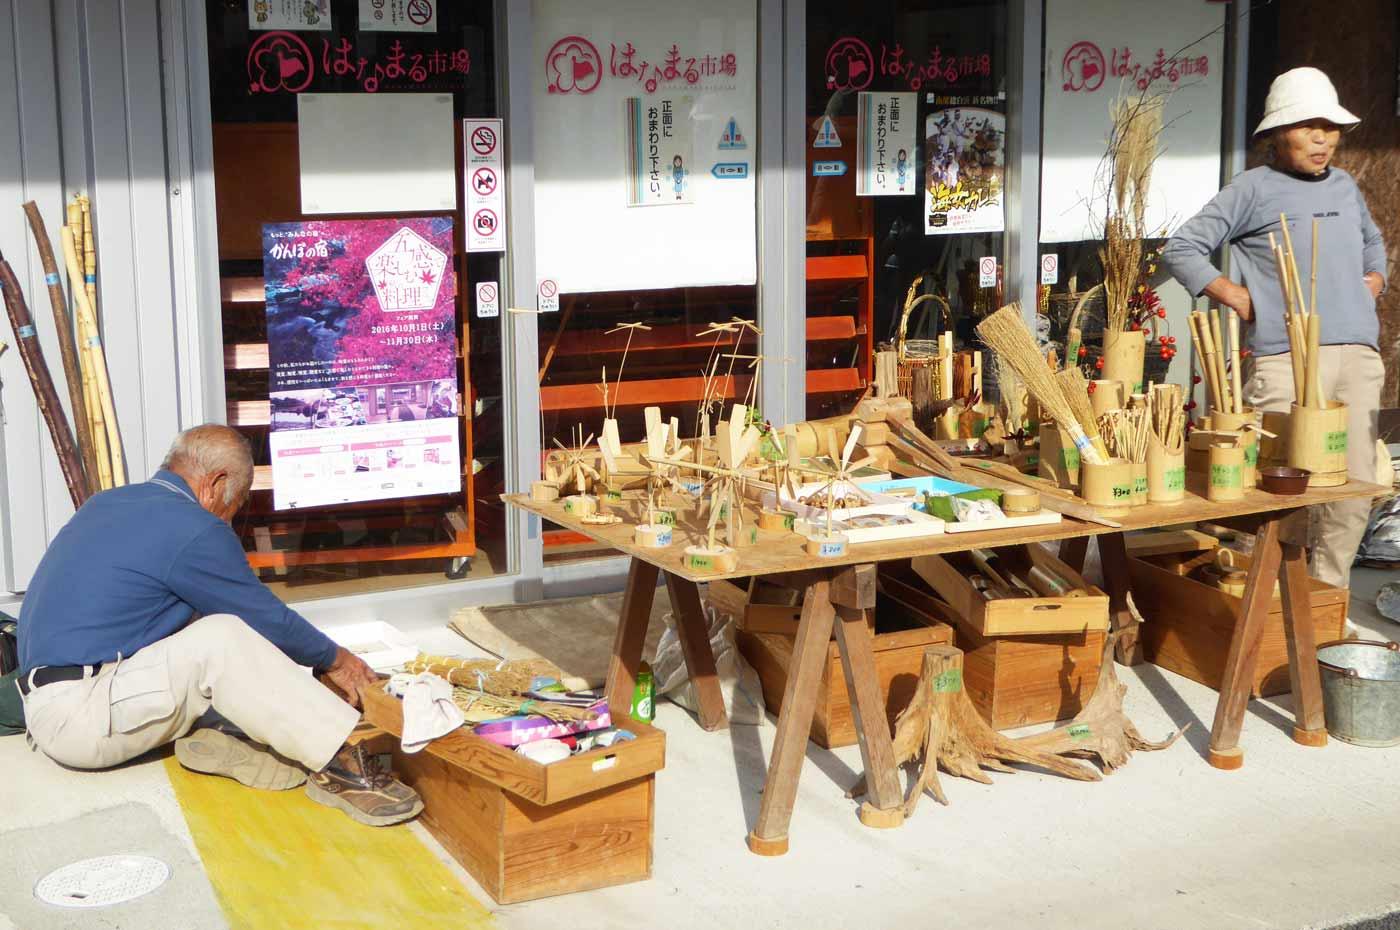 ローズマリー公園の竹細工の売り場